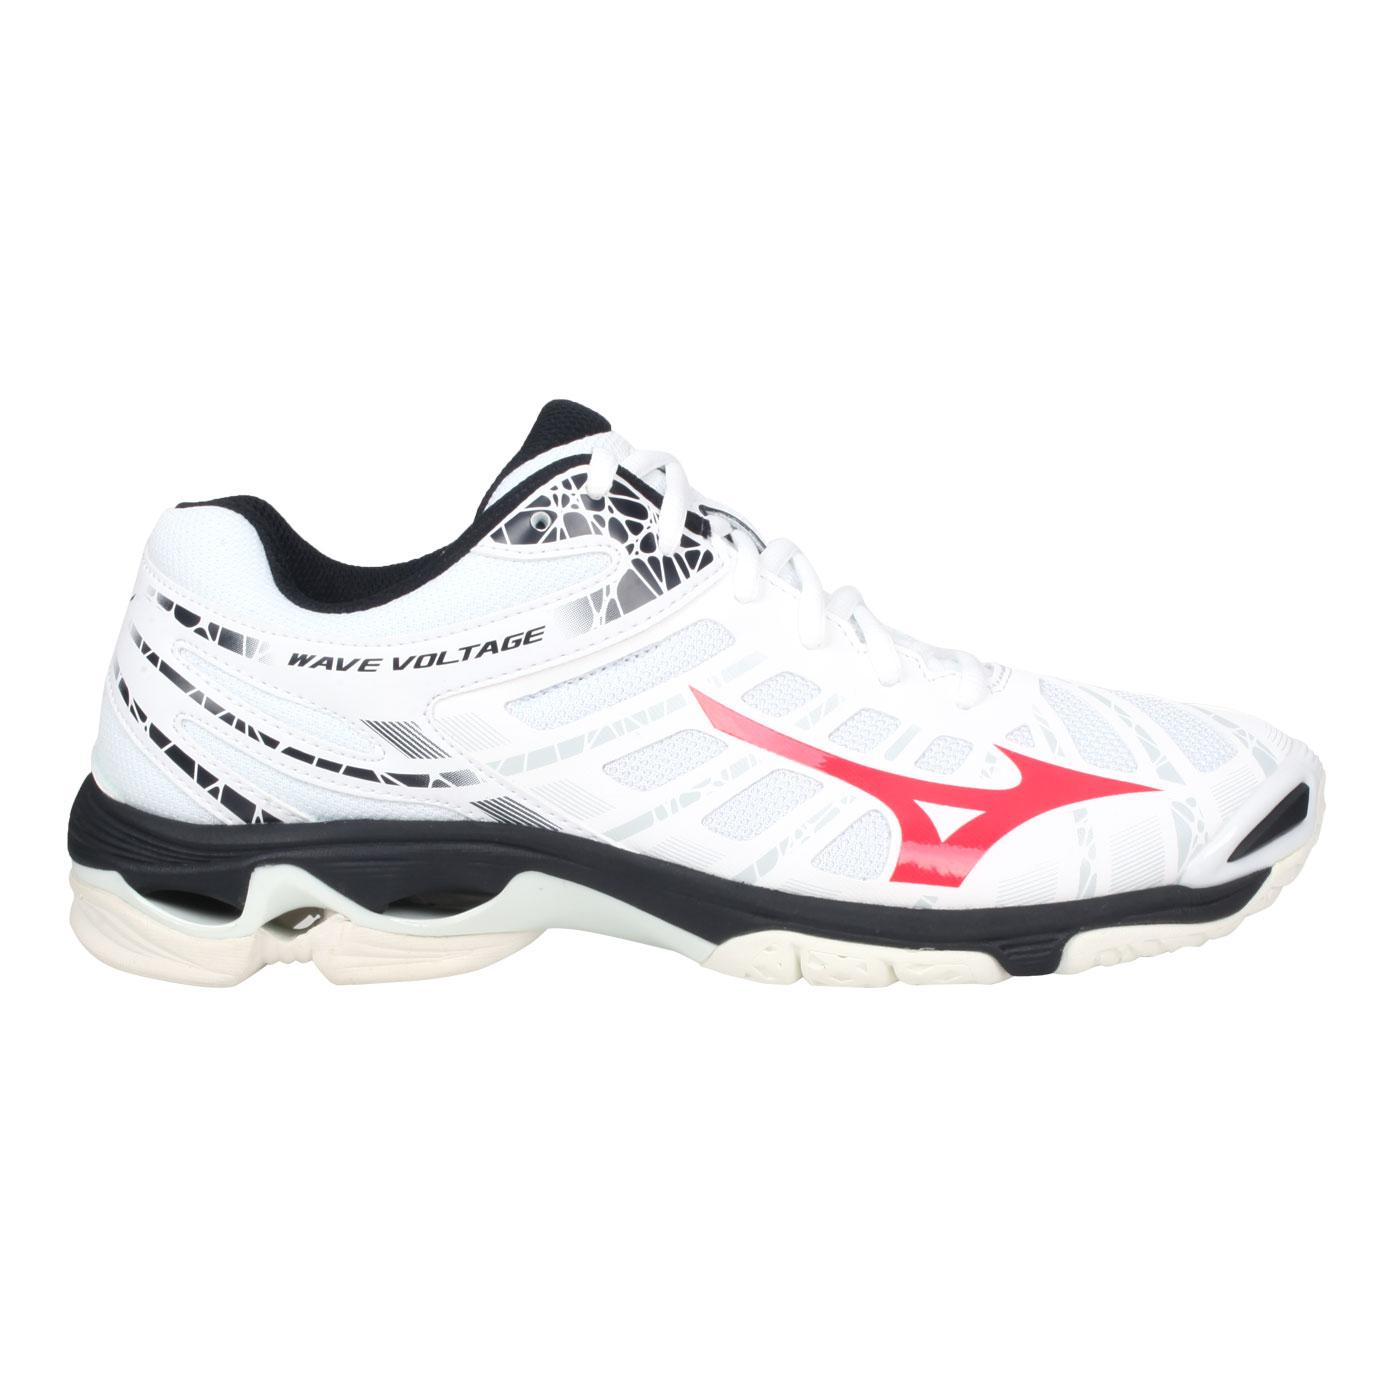 MIZUNO 男款排球鞋  @WAVE VOLTAGE@V1GA196065